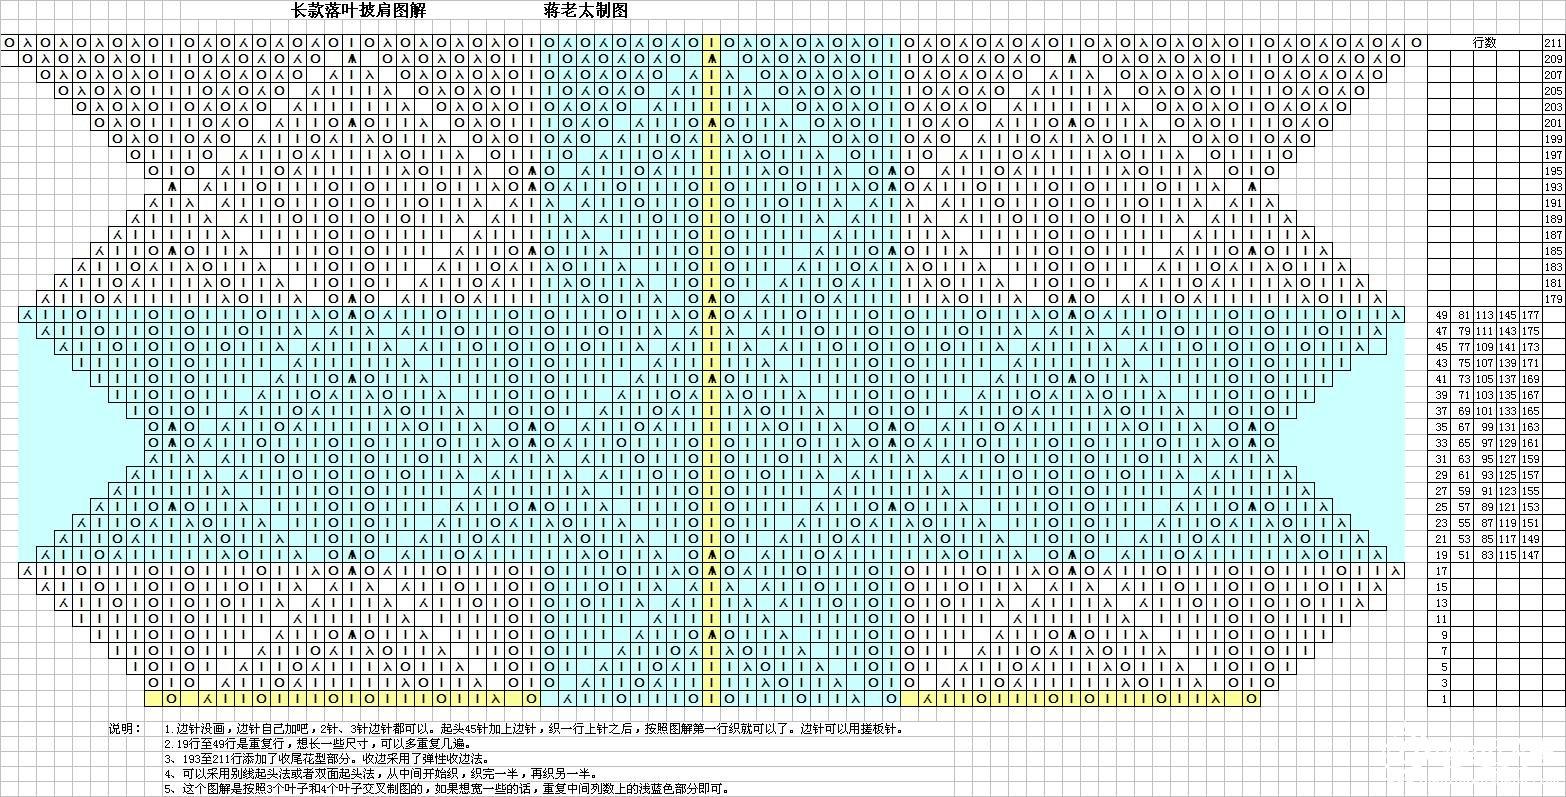 长款落叶图解2.JPG